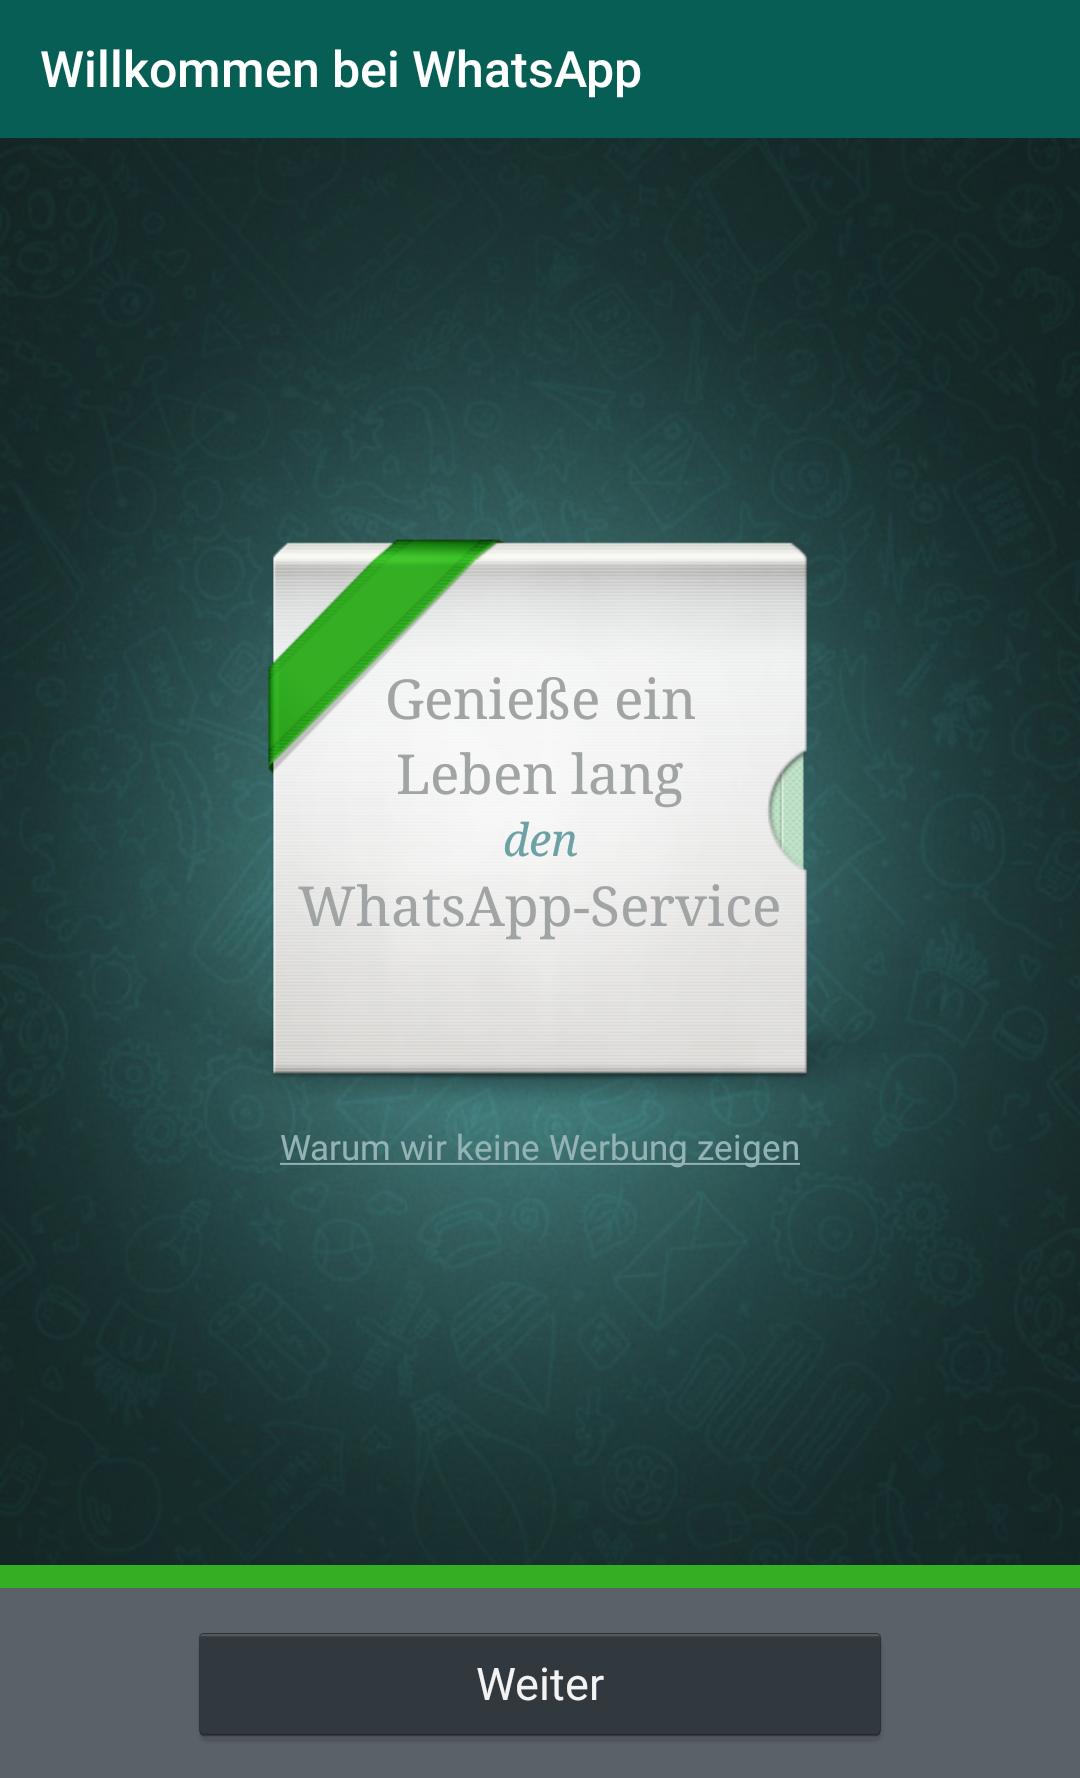 Whatsapp Ohne Sim Karte Nutzen.Whatsapp Auf Dem Tablet Ohne Sim Nutzen